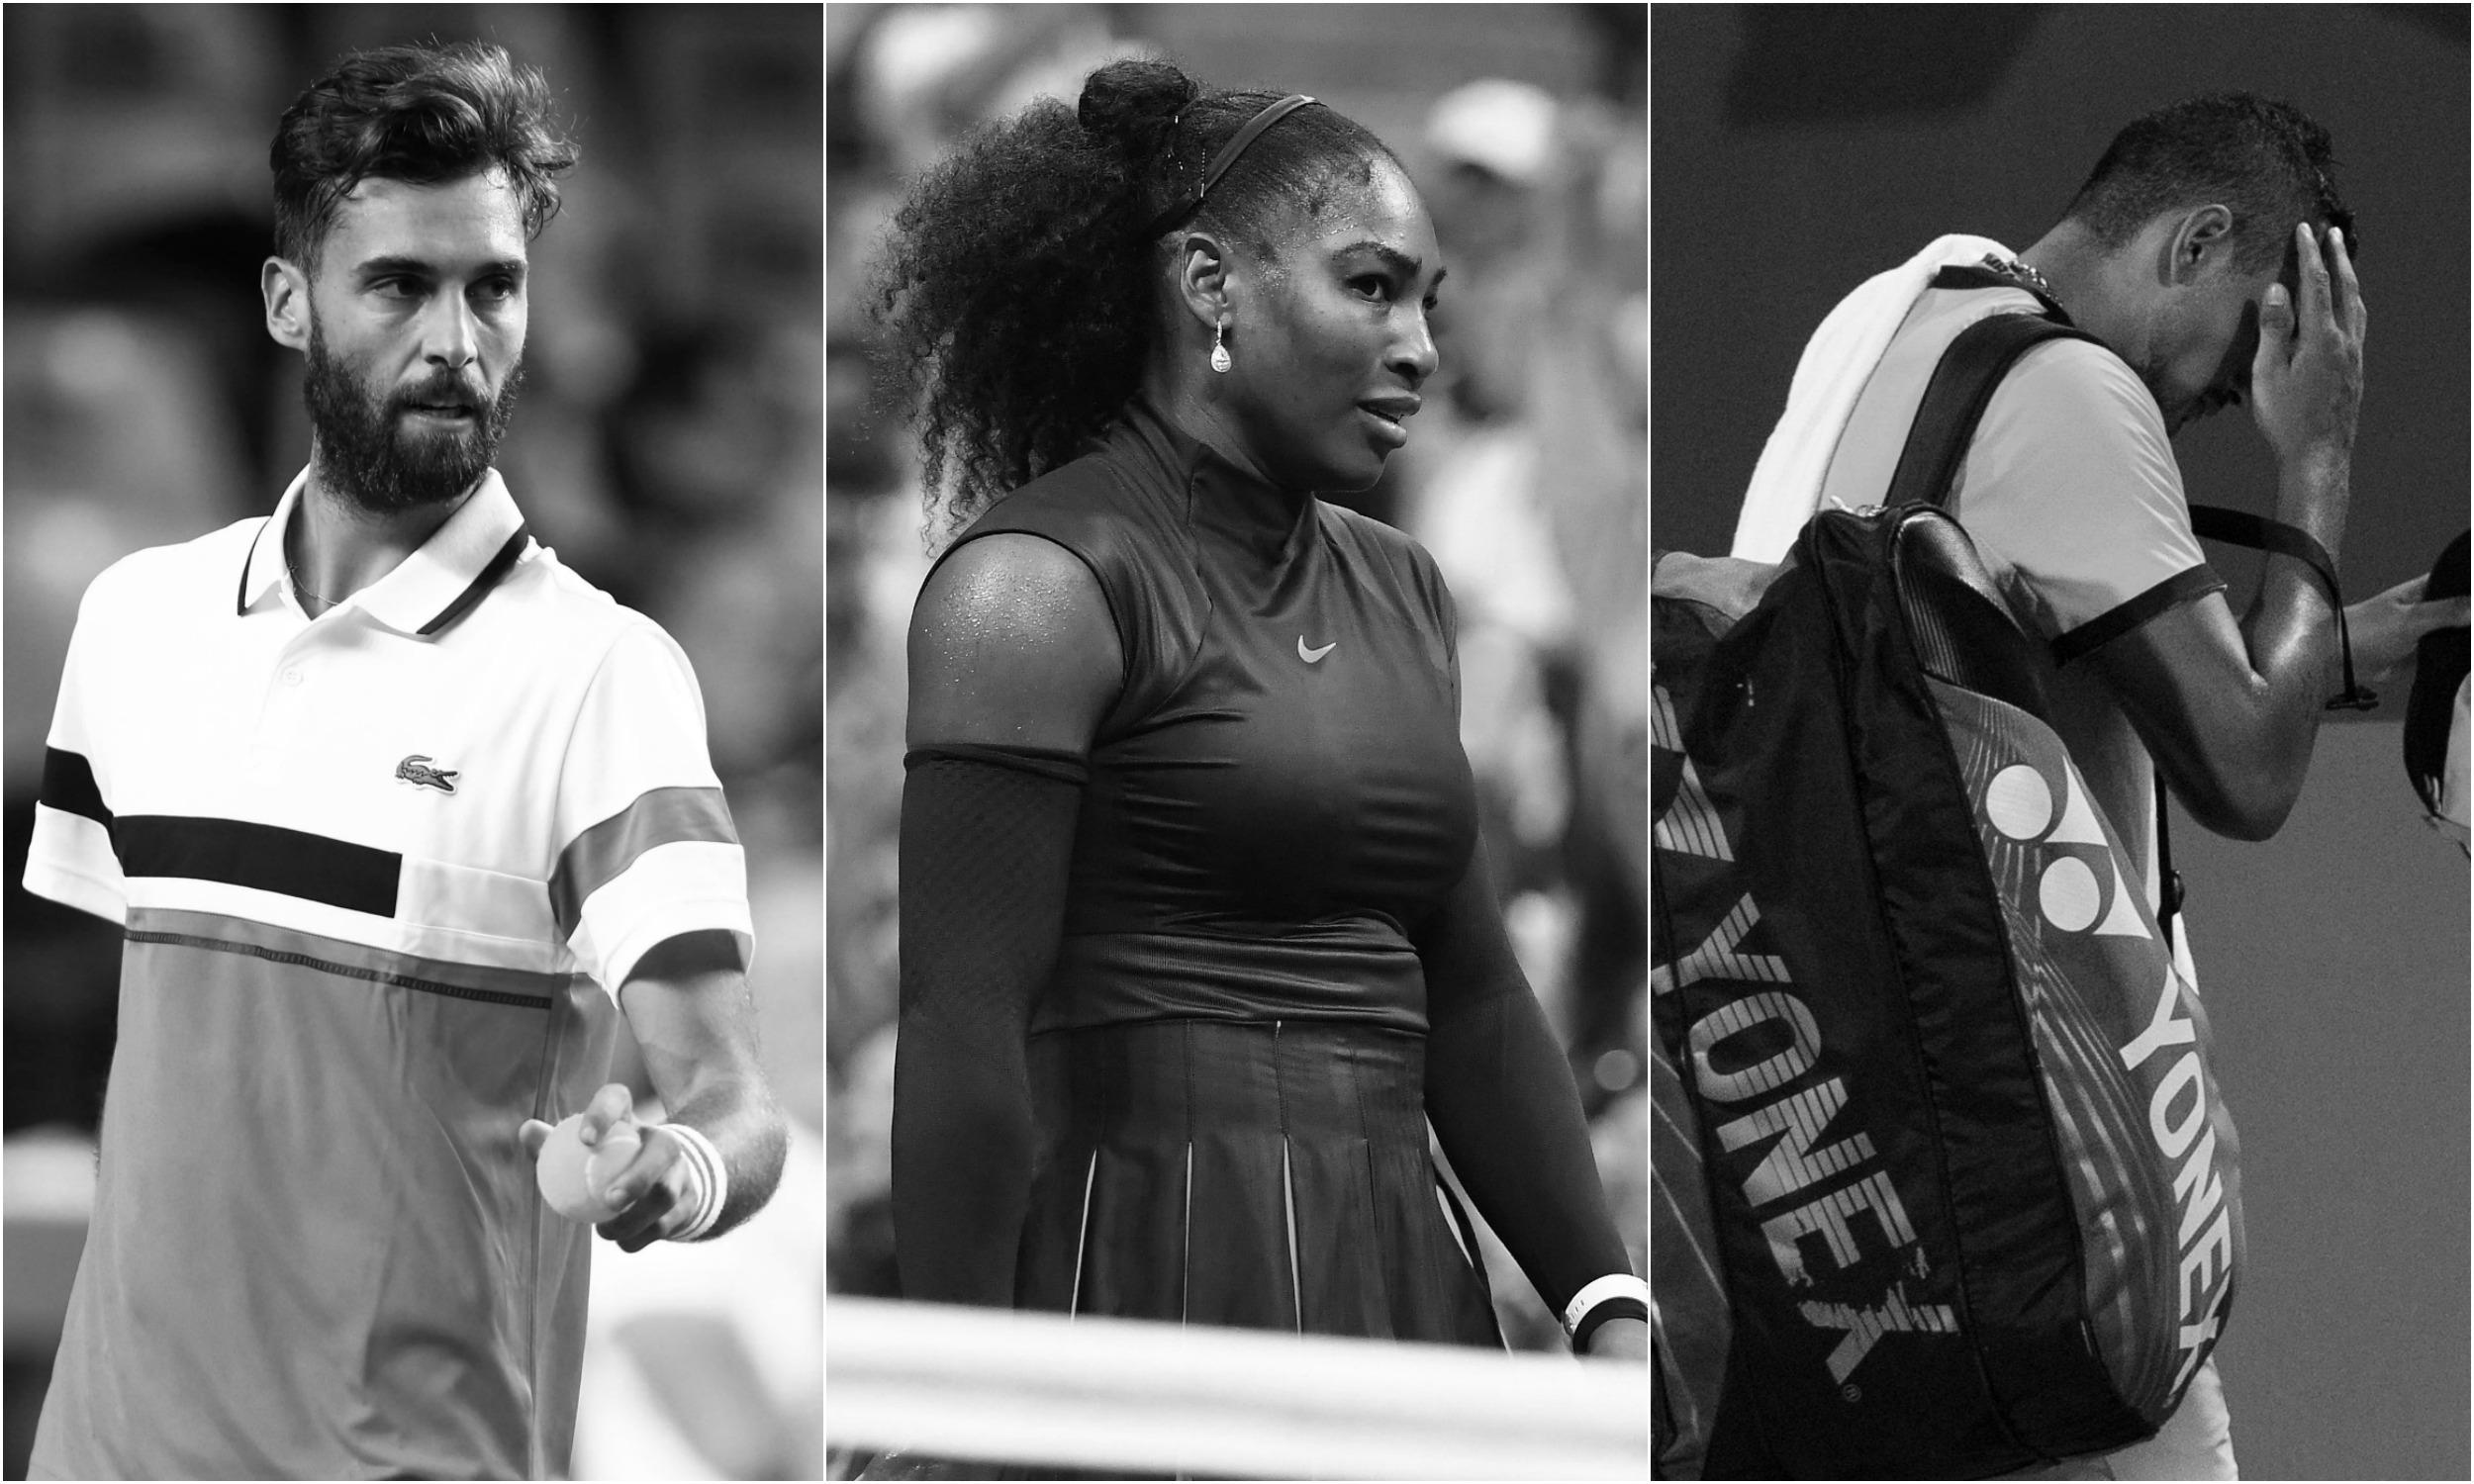 Tennis - ATP - Nadal, Bleus, Serena: les flops de 2016